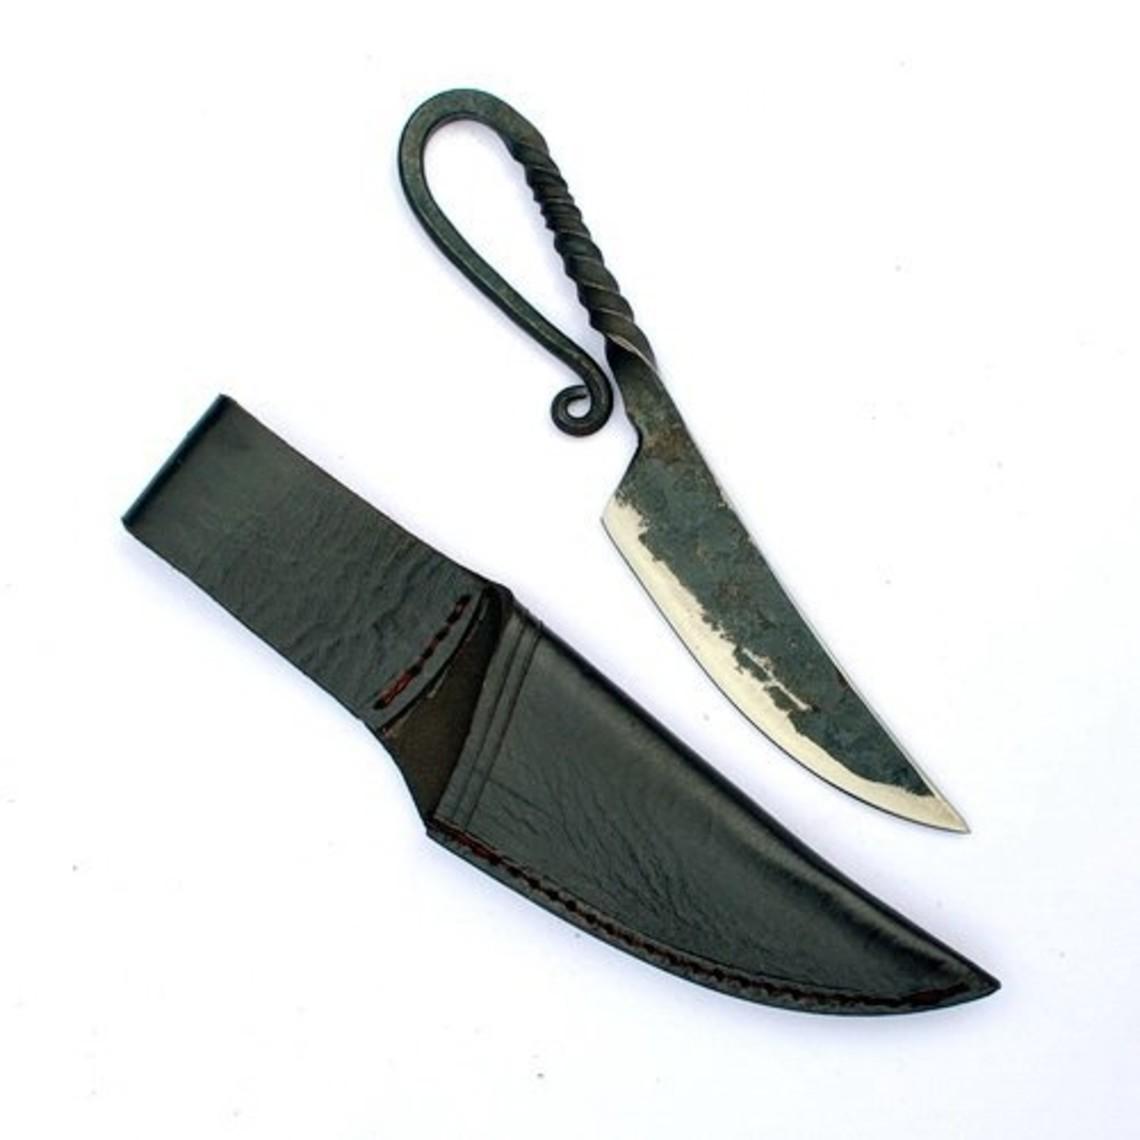 coltello preistorica con impugnatura ritorto